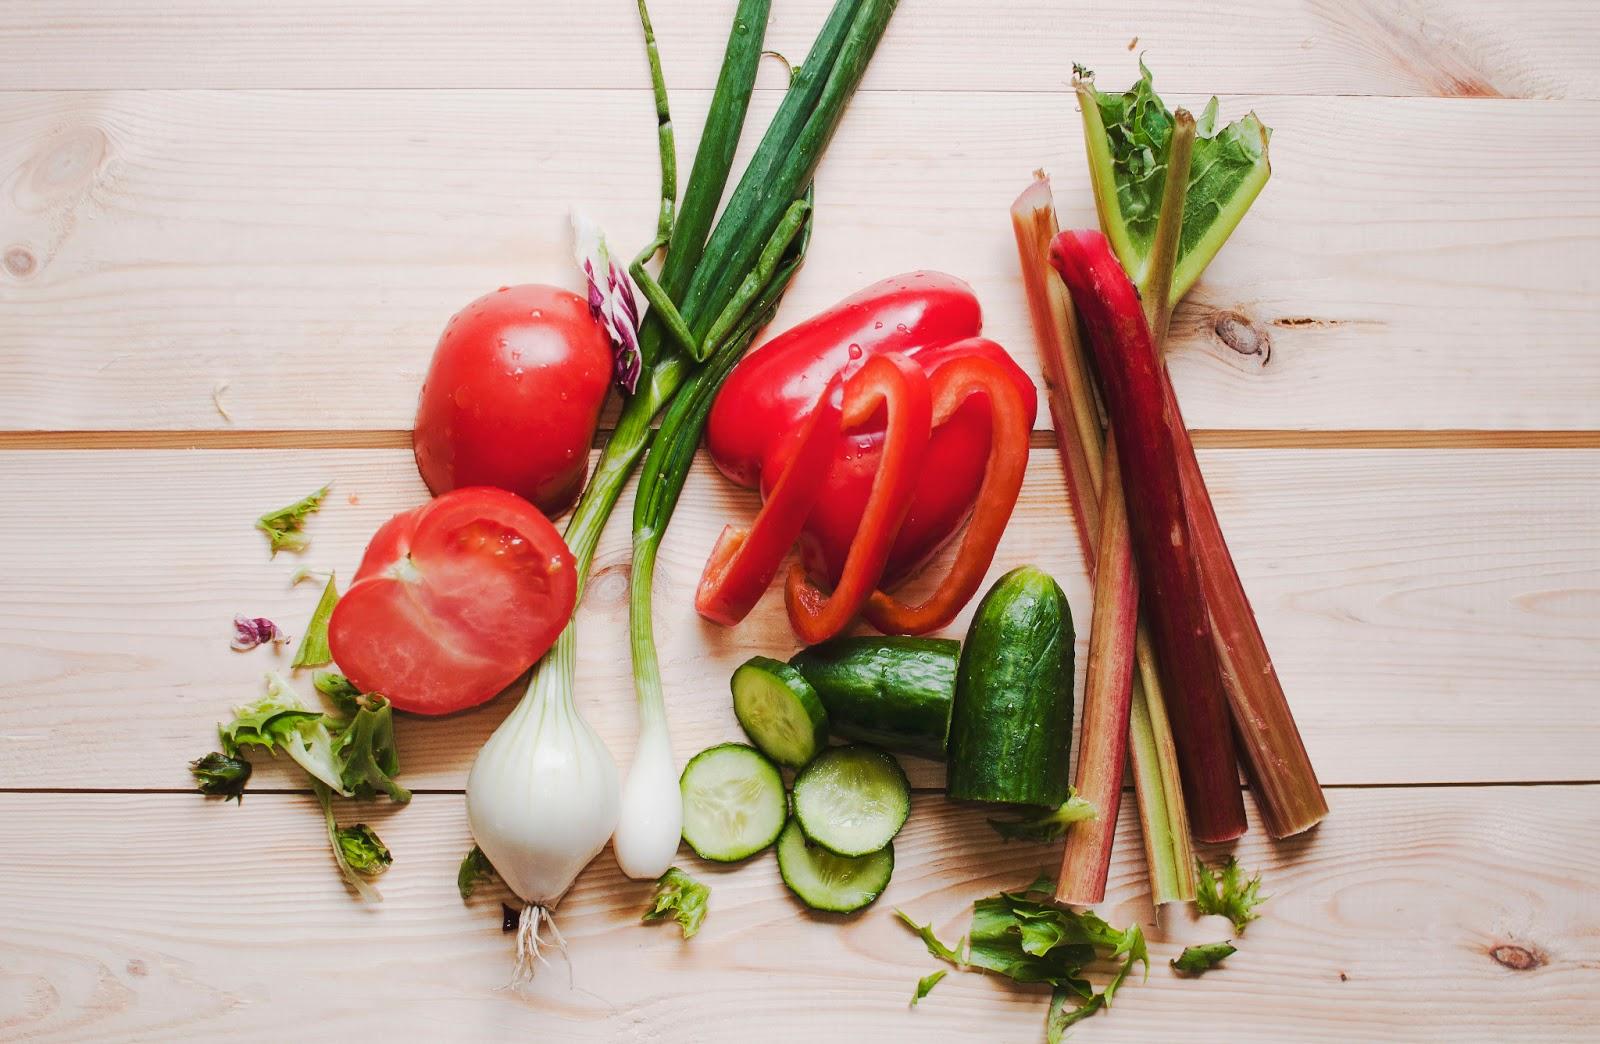 Odzywianie Od Kuchni Wegetarianizm Odpowiednia Dieta Dla Dzieci I